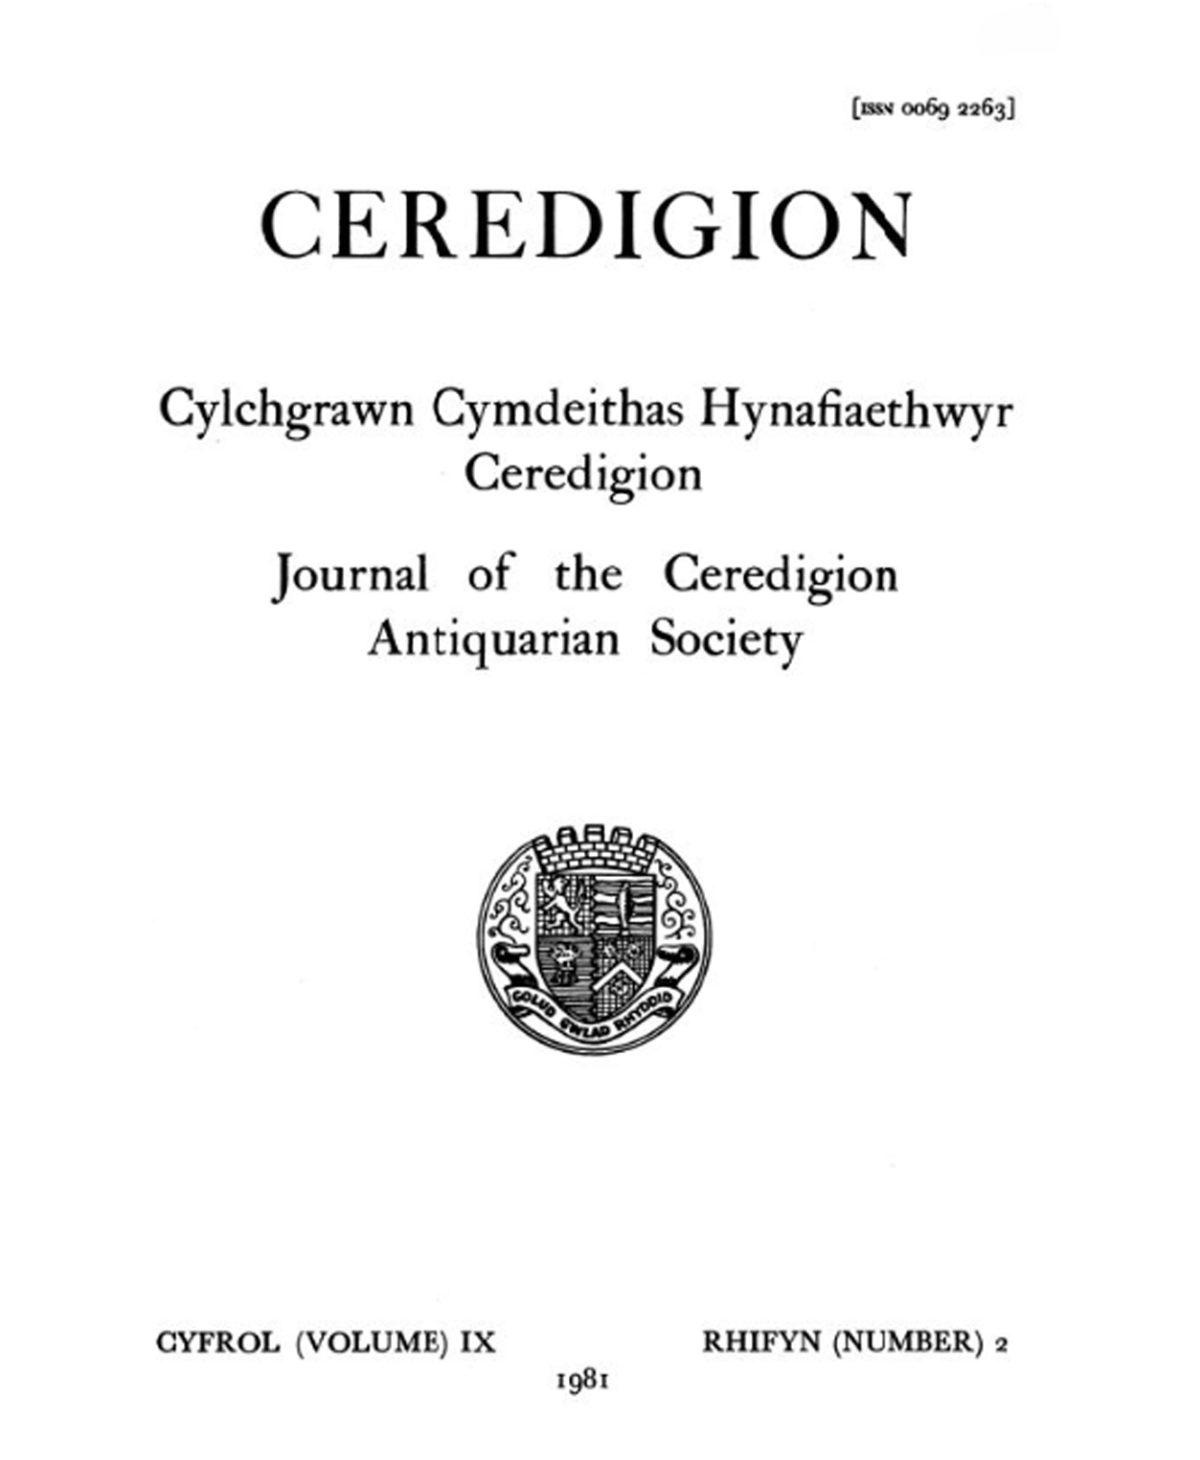 Ceredigion – Cylchgrawn Cymdeithas Hynafiaethwyr Sir Aberteifi, 1981 Cyfrol IX Rhifyn 2